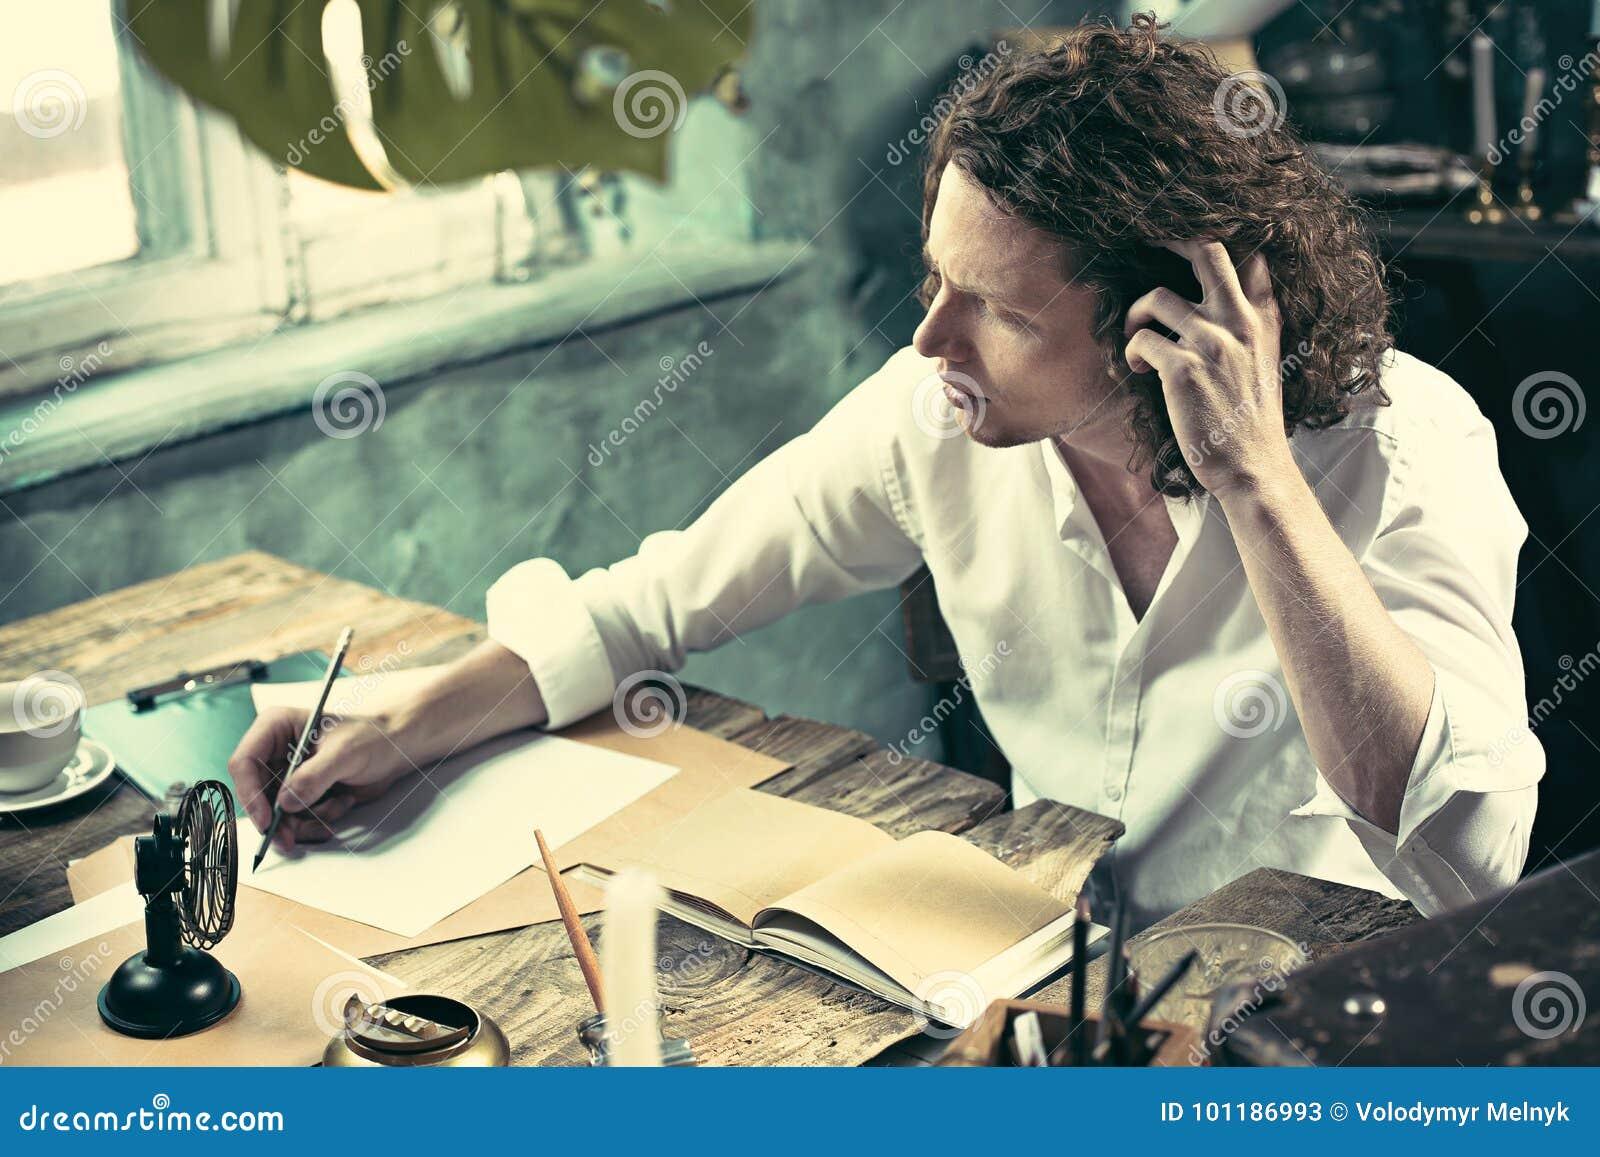 Författare på arbete Stiligt ungt författaresammanträde på tabellen och handstilen något i hans sketchpad